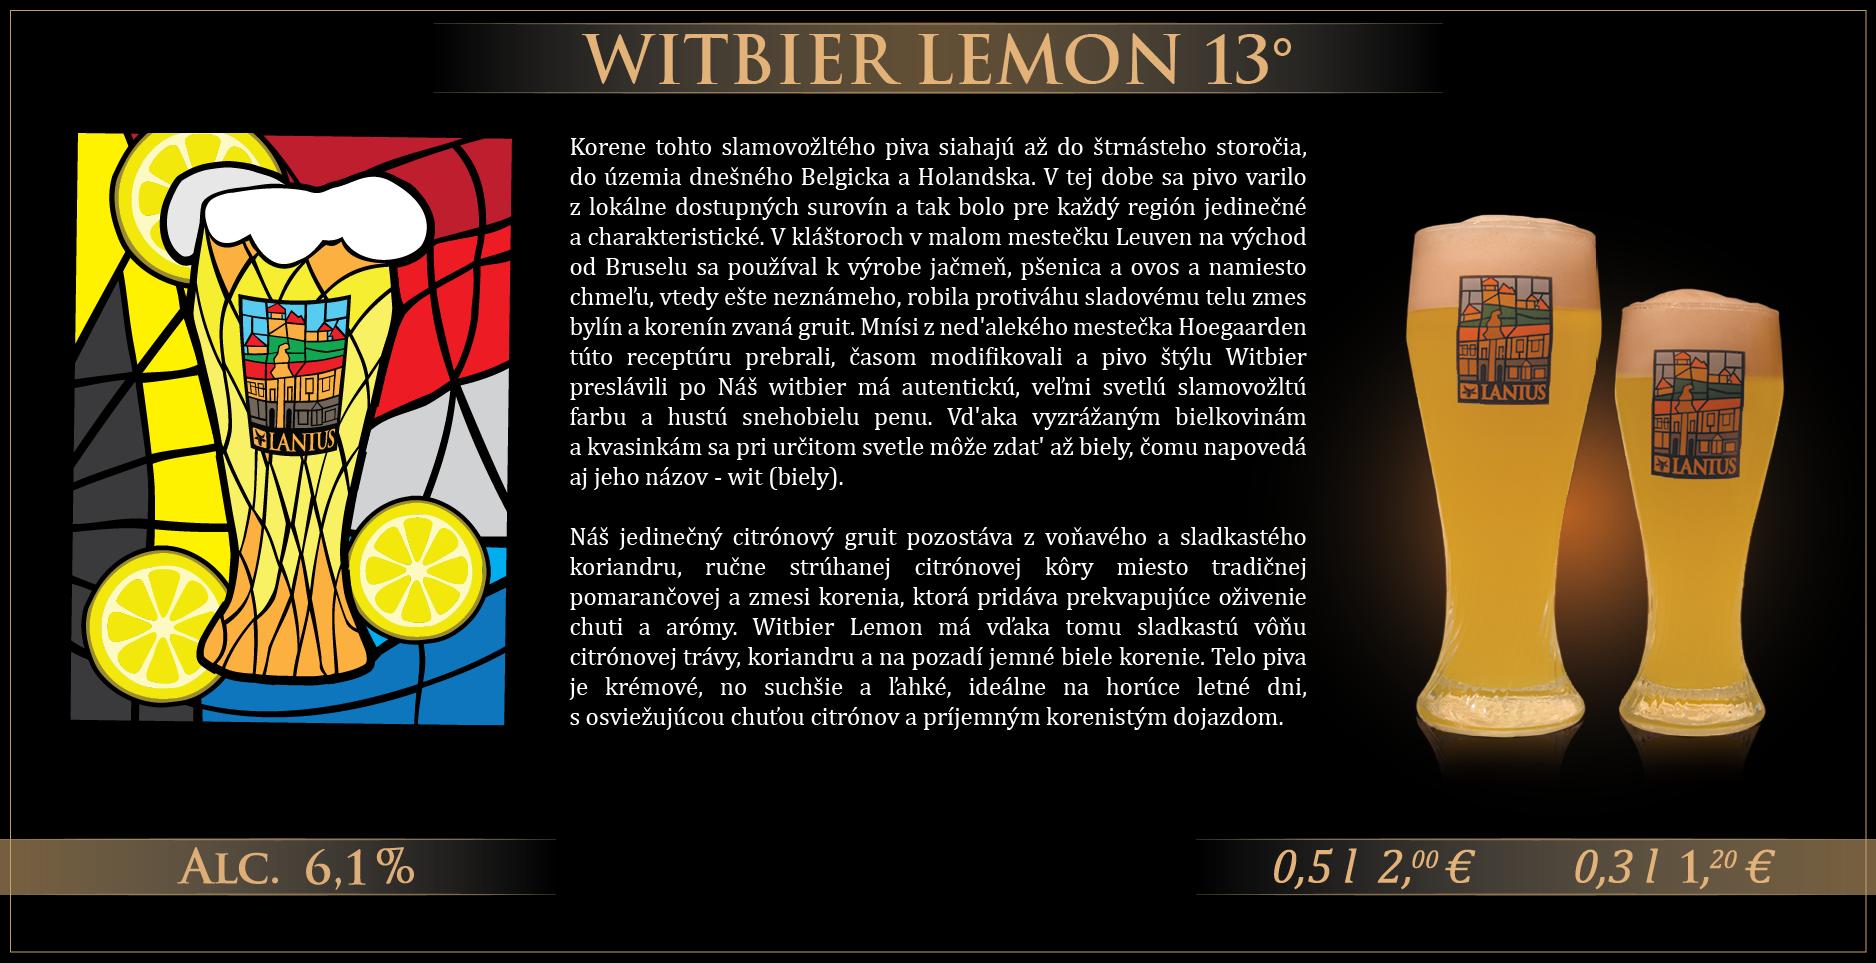 WITBIER LEMON 13 WEB-01-02